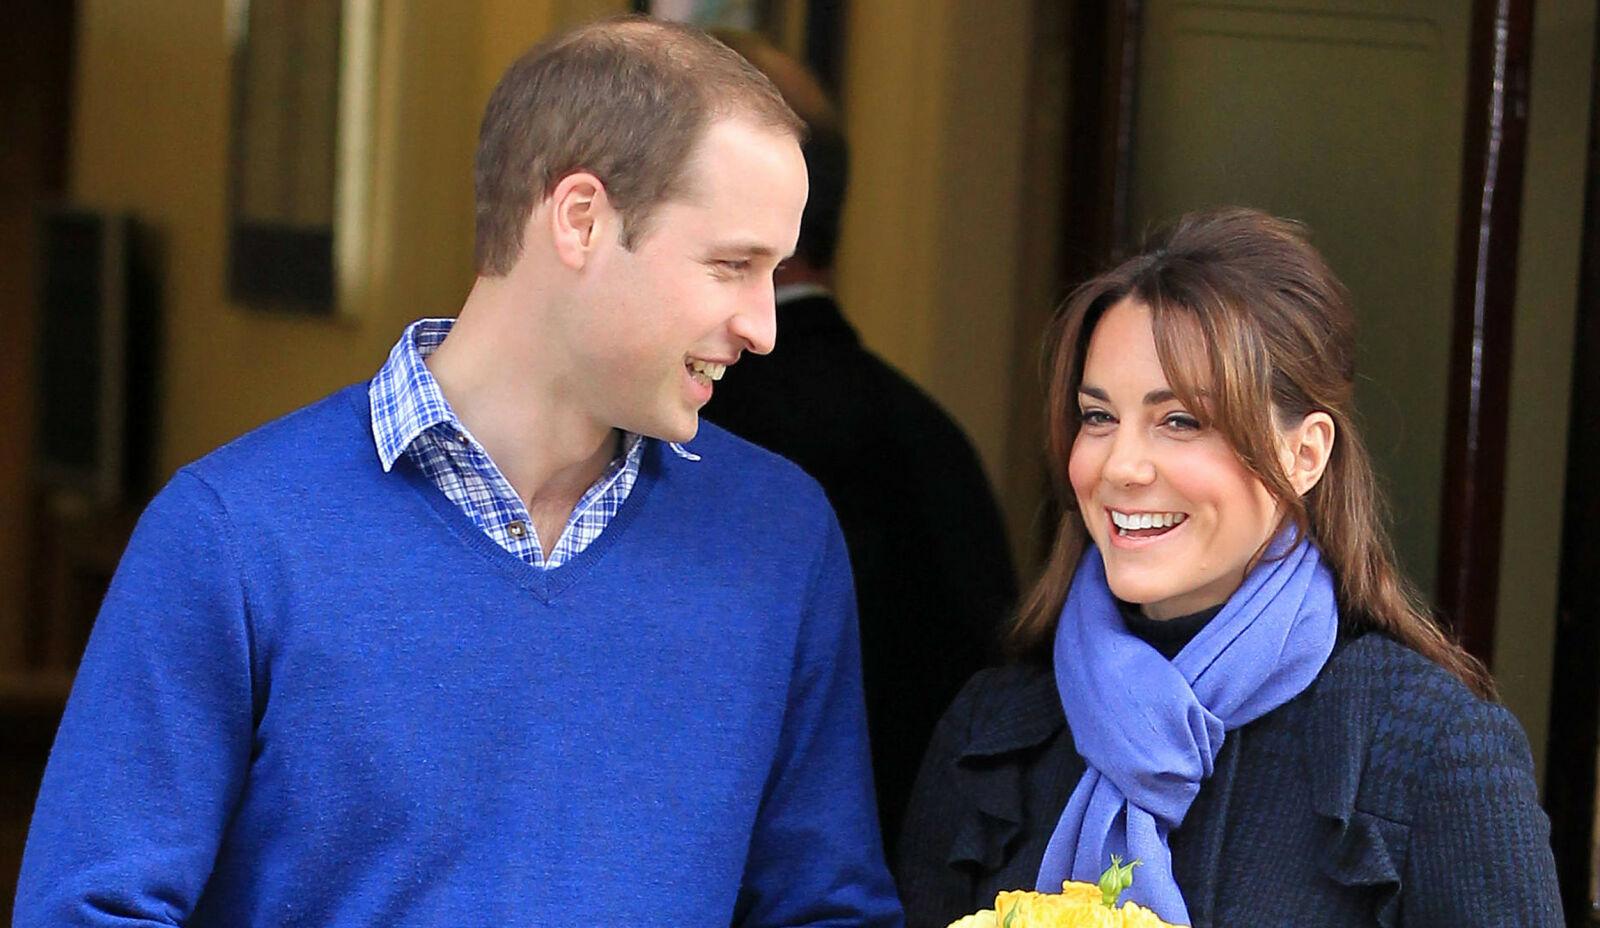 TØFF UKE: Hertuginne Kate og prins William var uvitende om tragedien de hun forlot sykehuset. Foto: NTB.